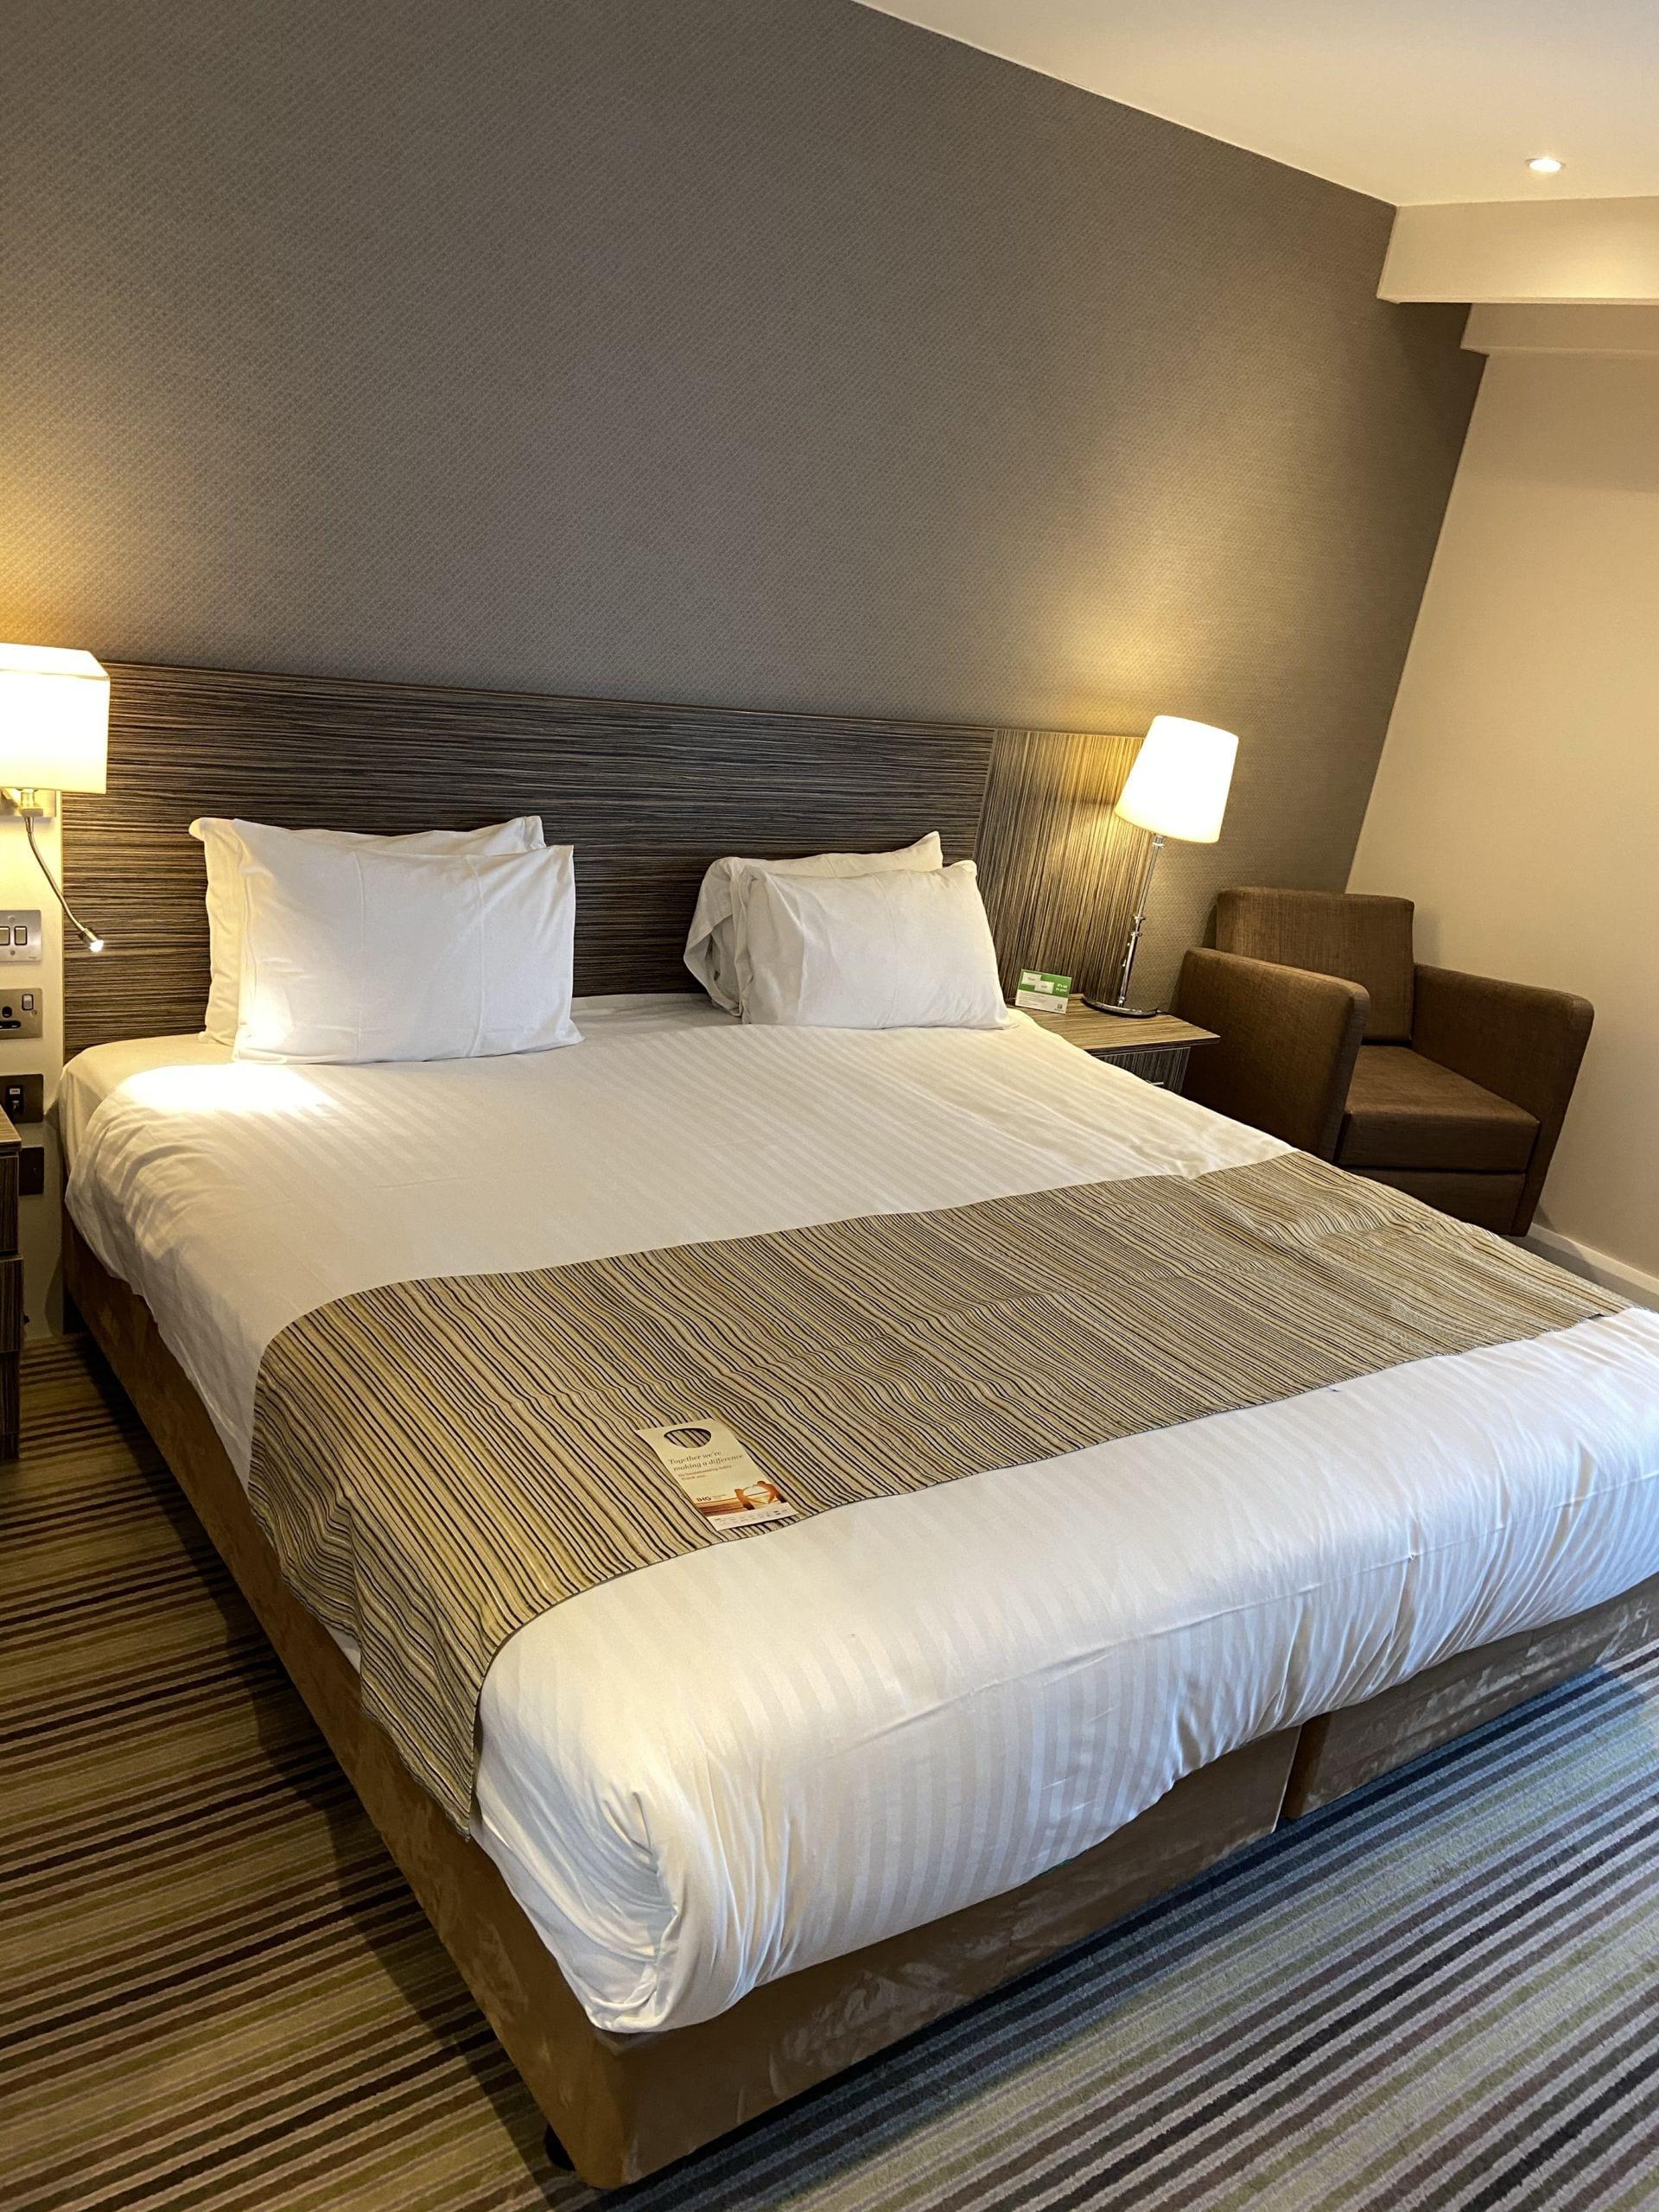 Hotel Bedroom Holiday Inn